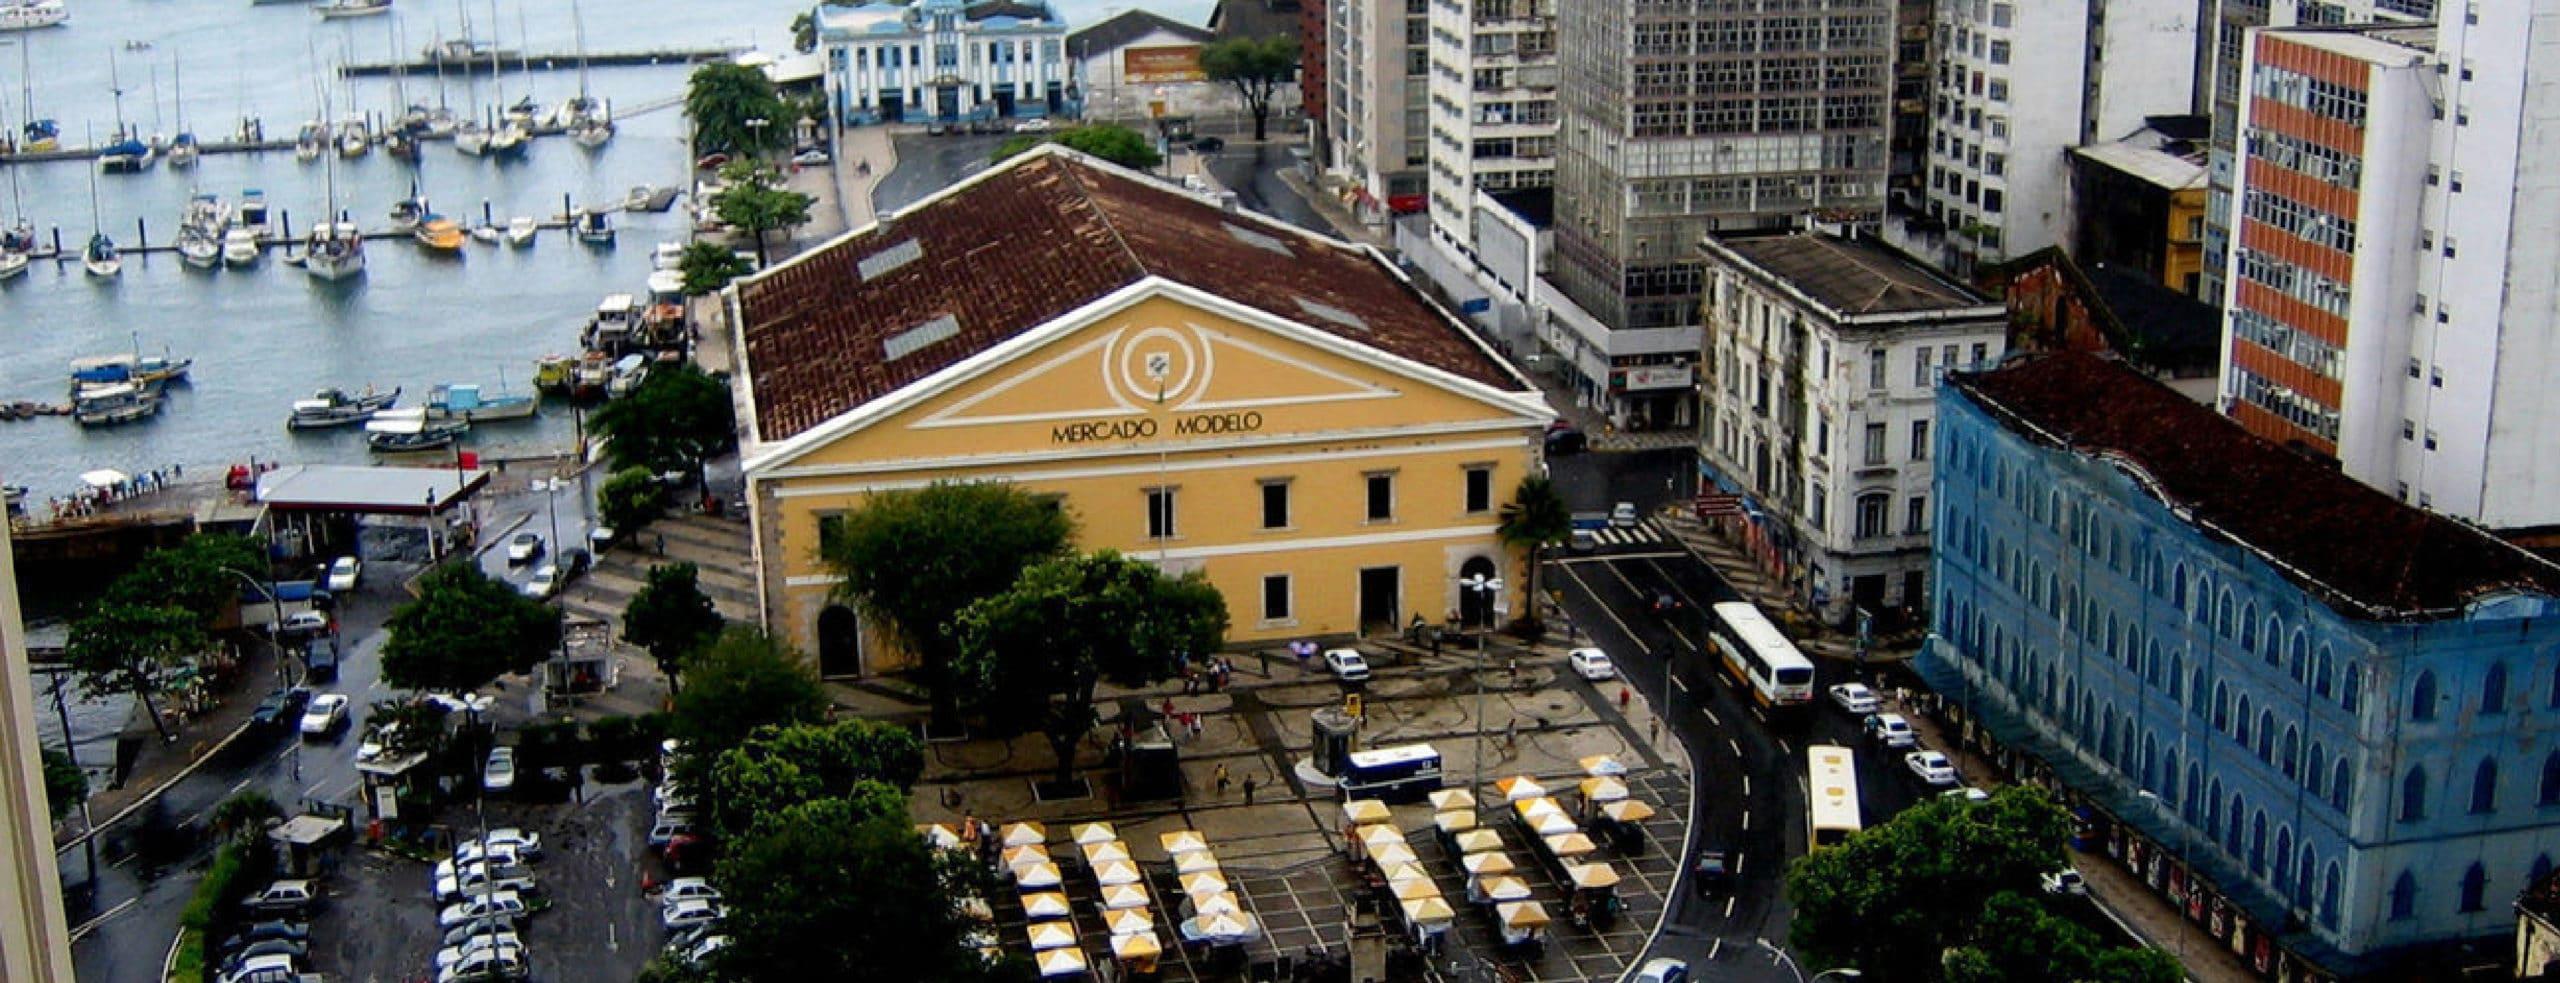 Mercado Modelo in Salvador de Bahia - RipioTurismo DMC for Brazil